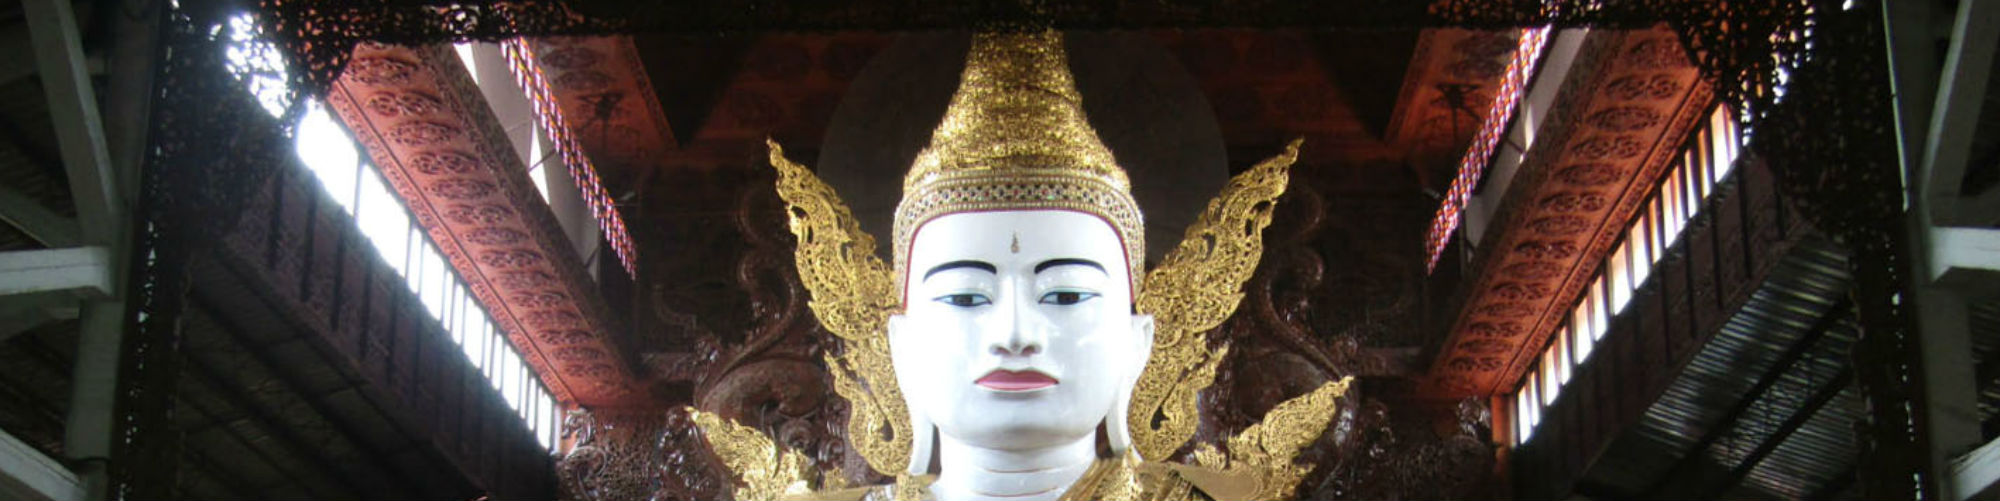 Ngar Htat Gyi Pagoda, Yangon